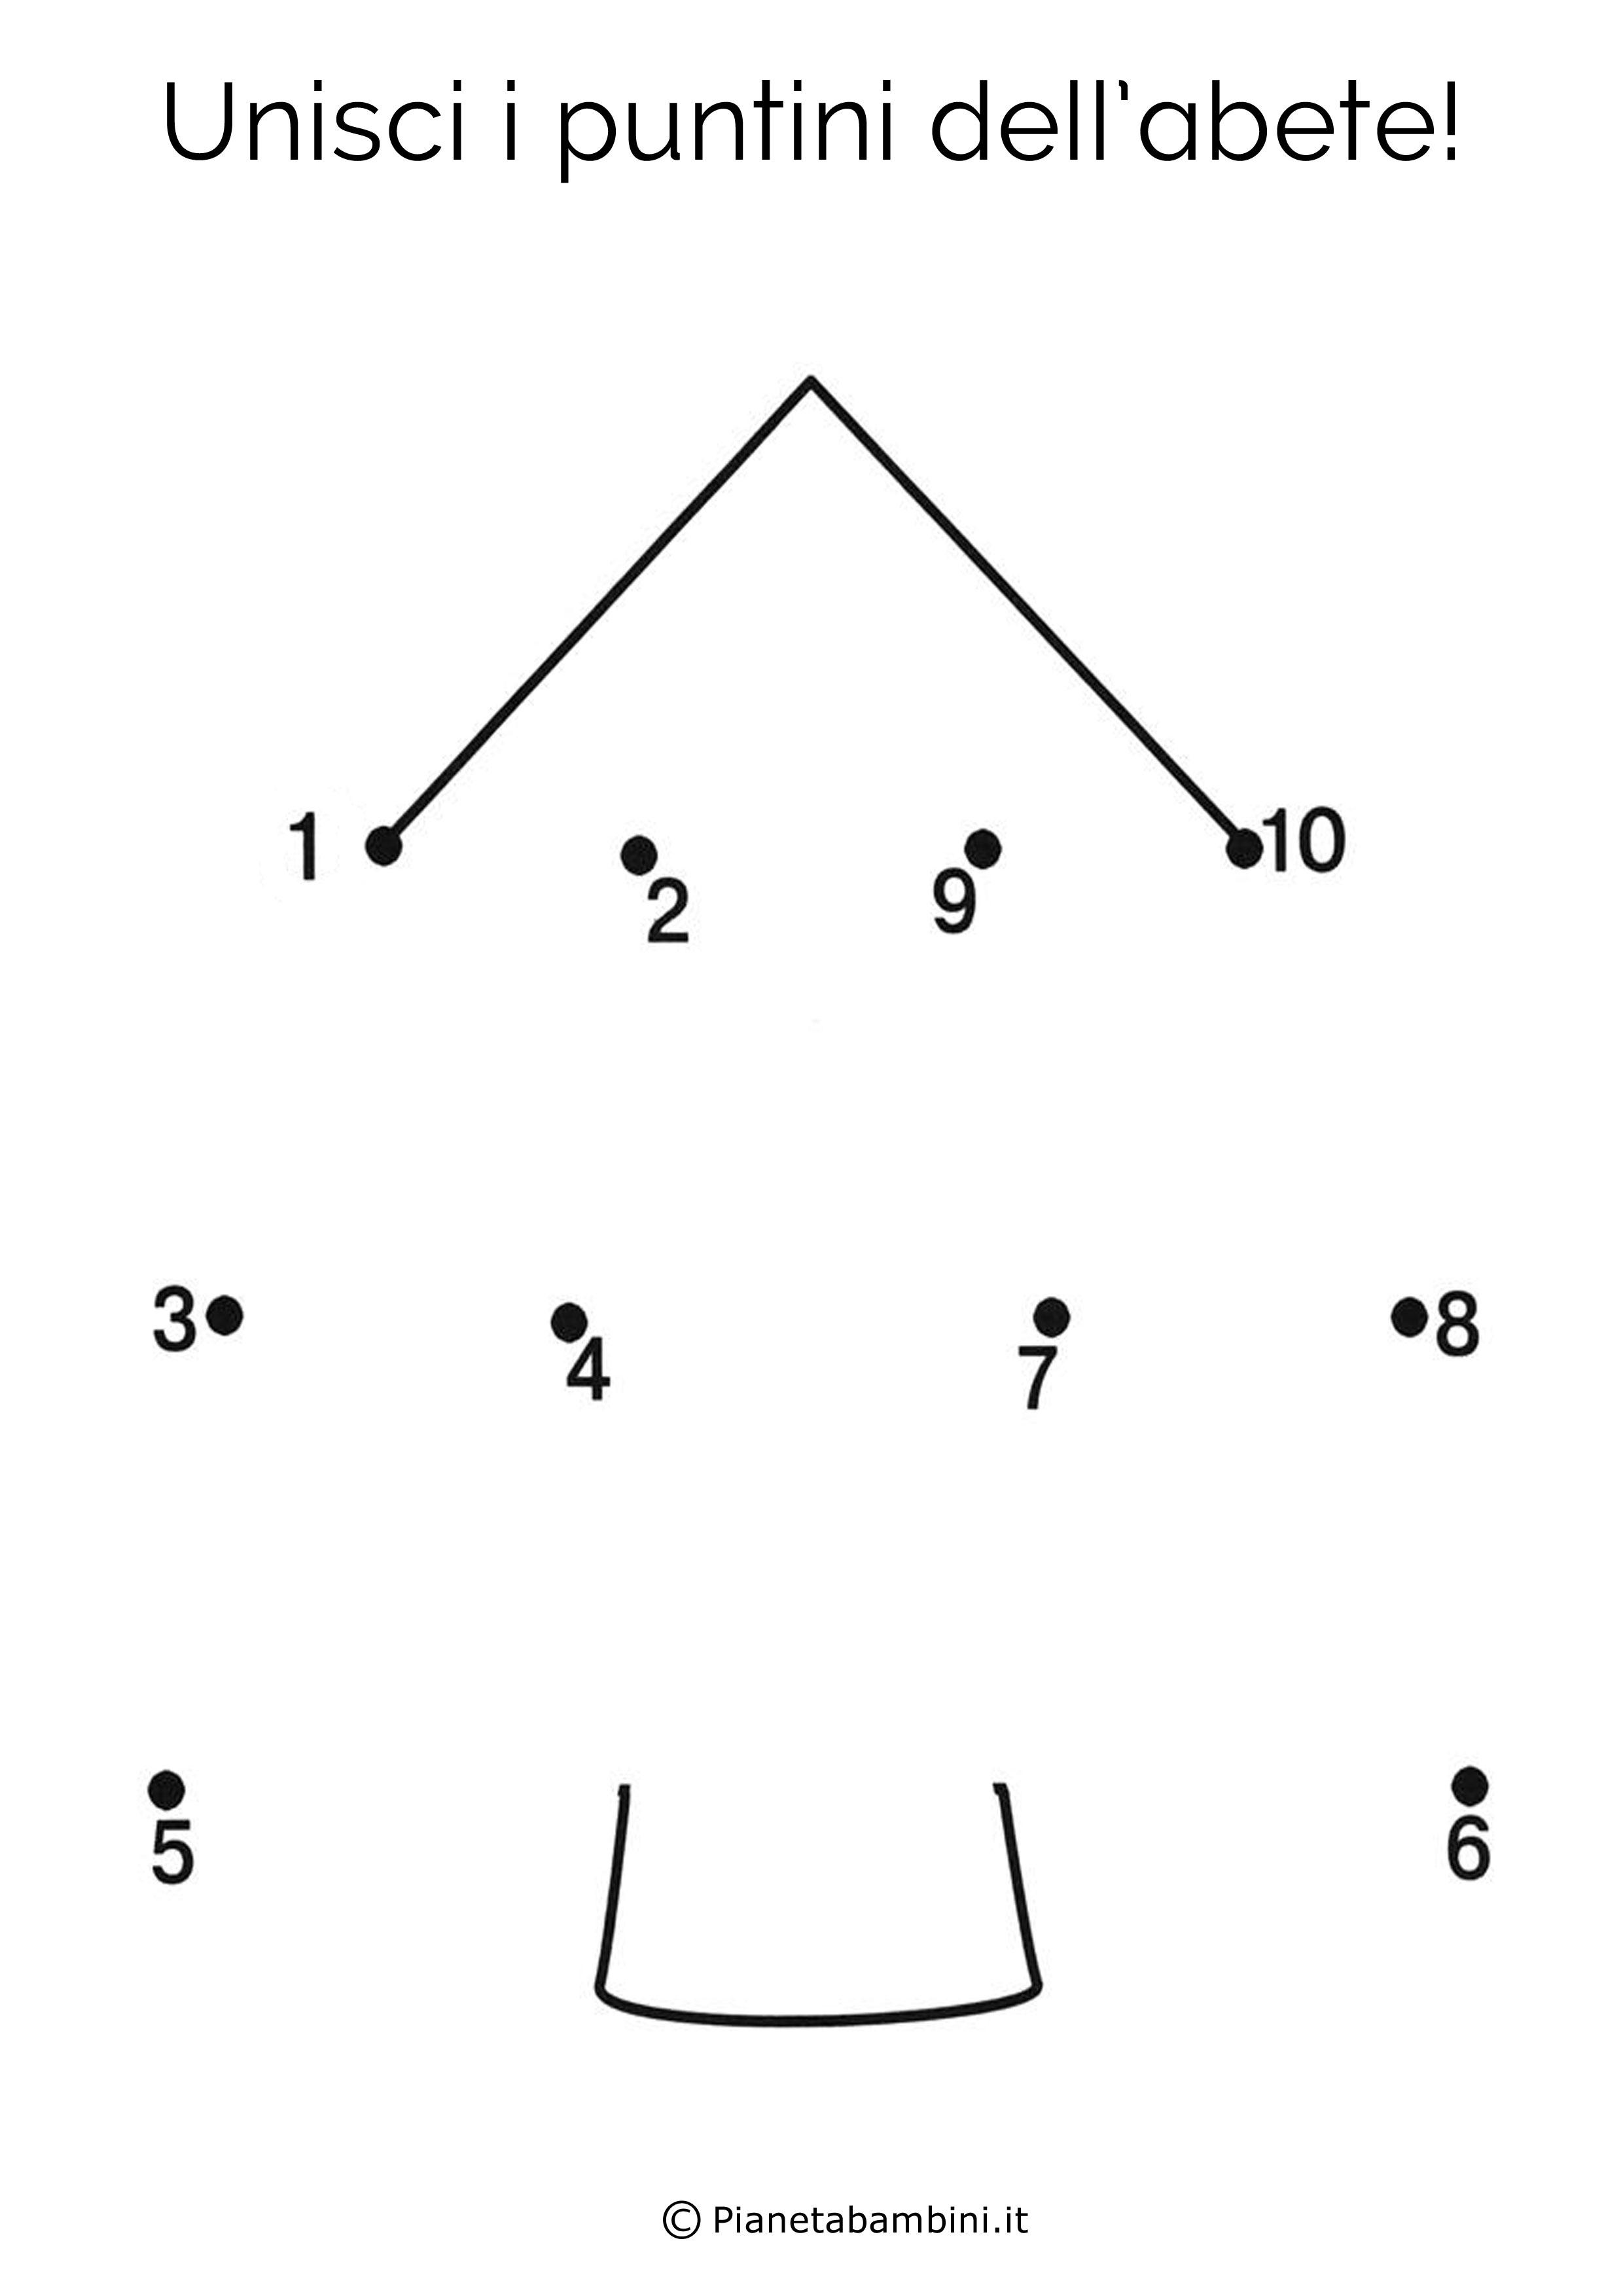 Disegno unisci i puntini abete